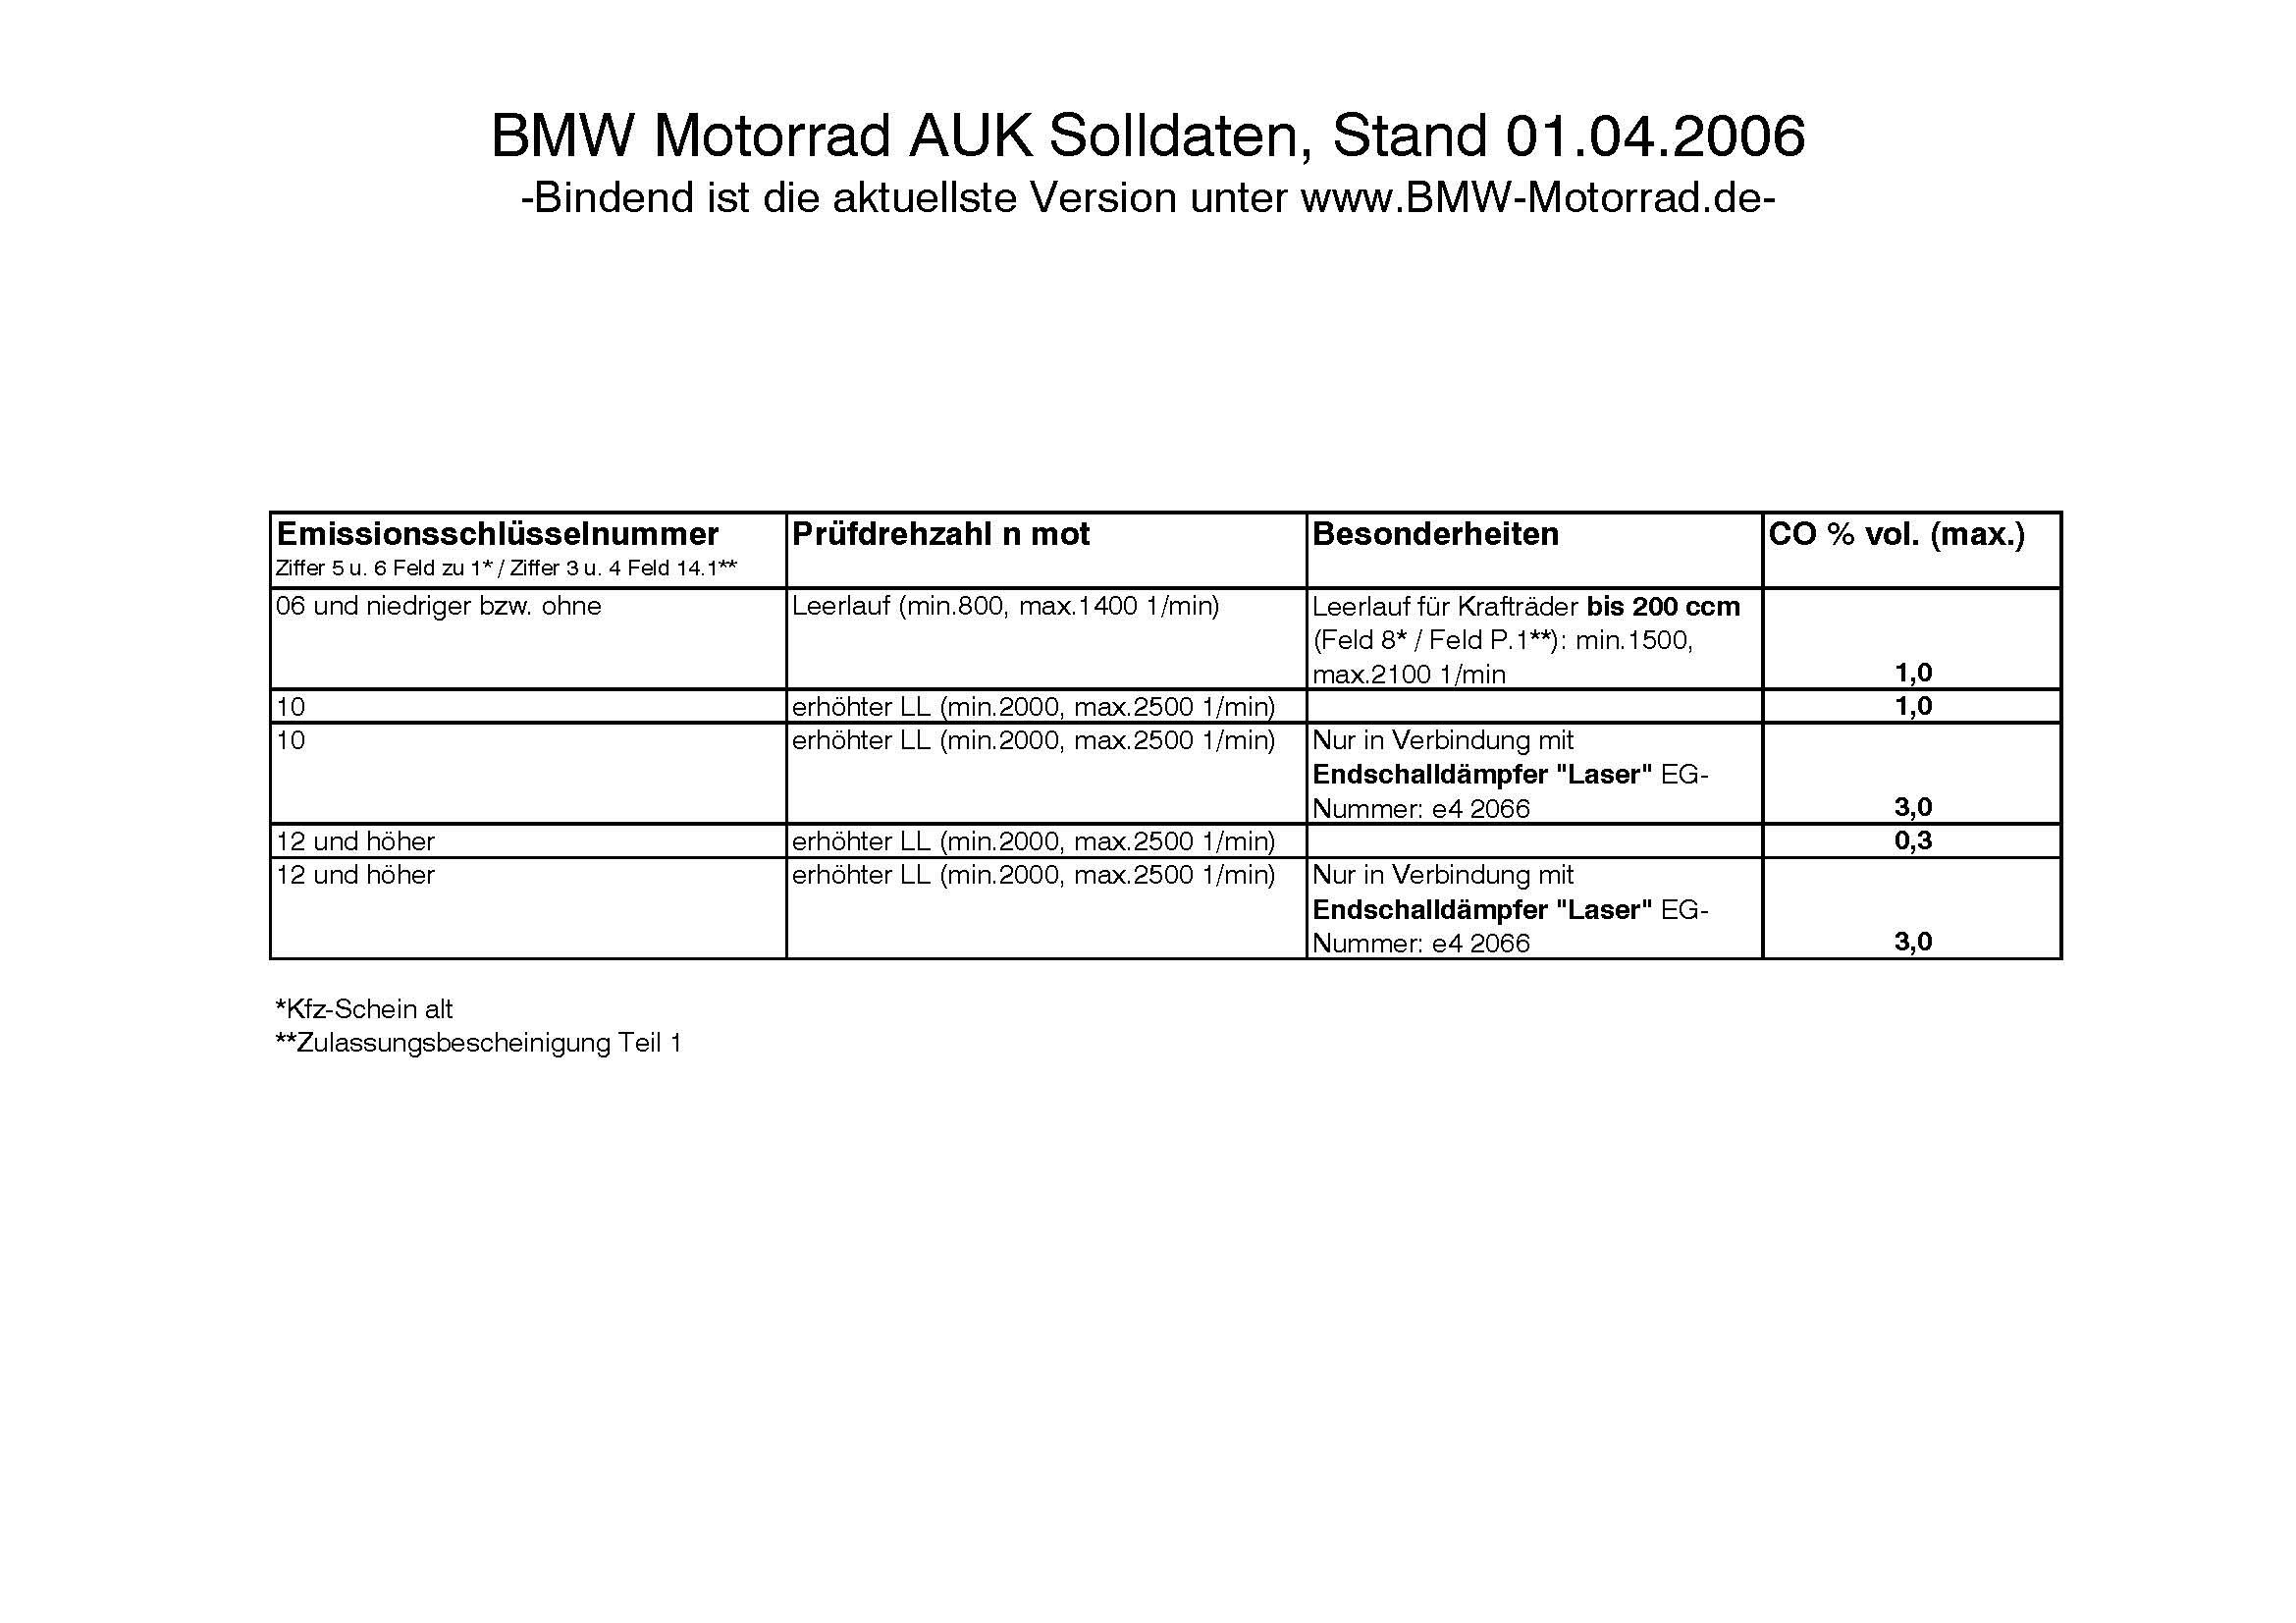 bmw-motorrad_auk_solldaten_seite_2.jpg